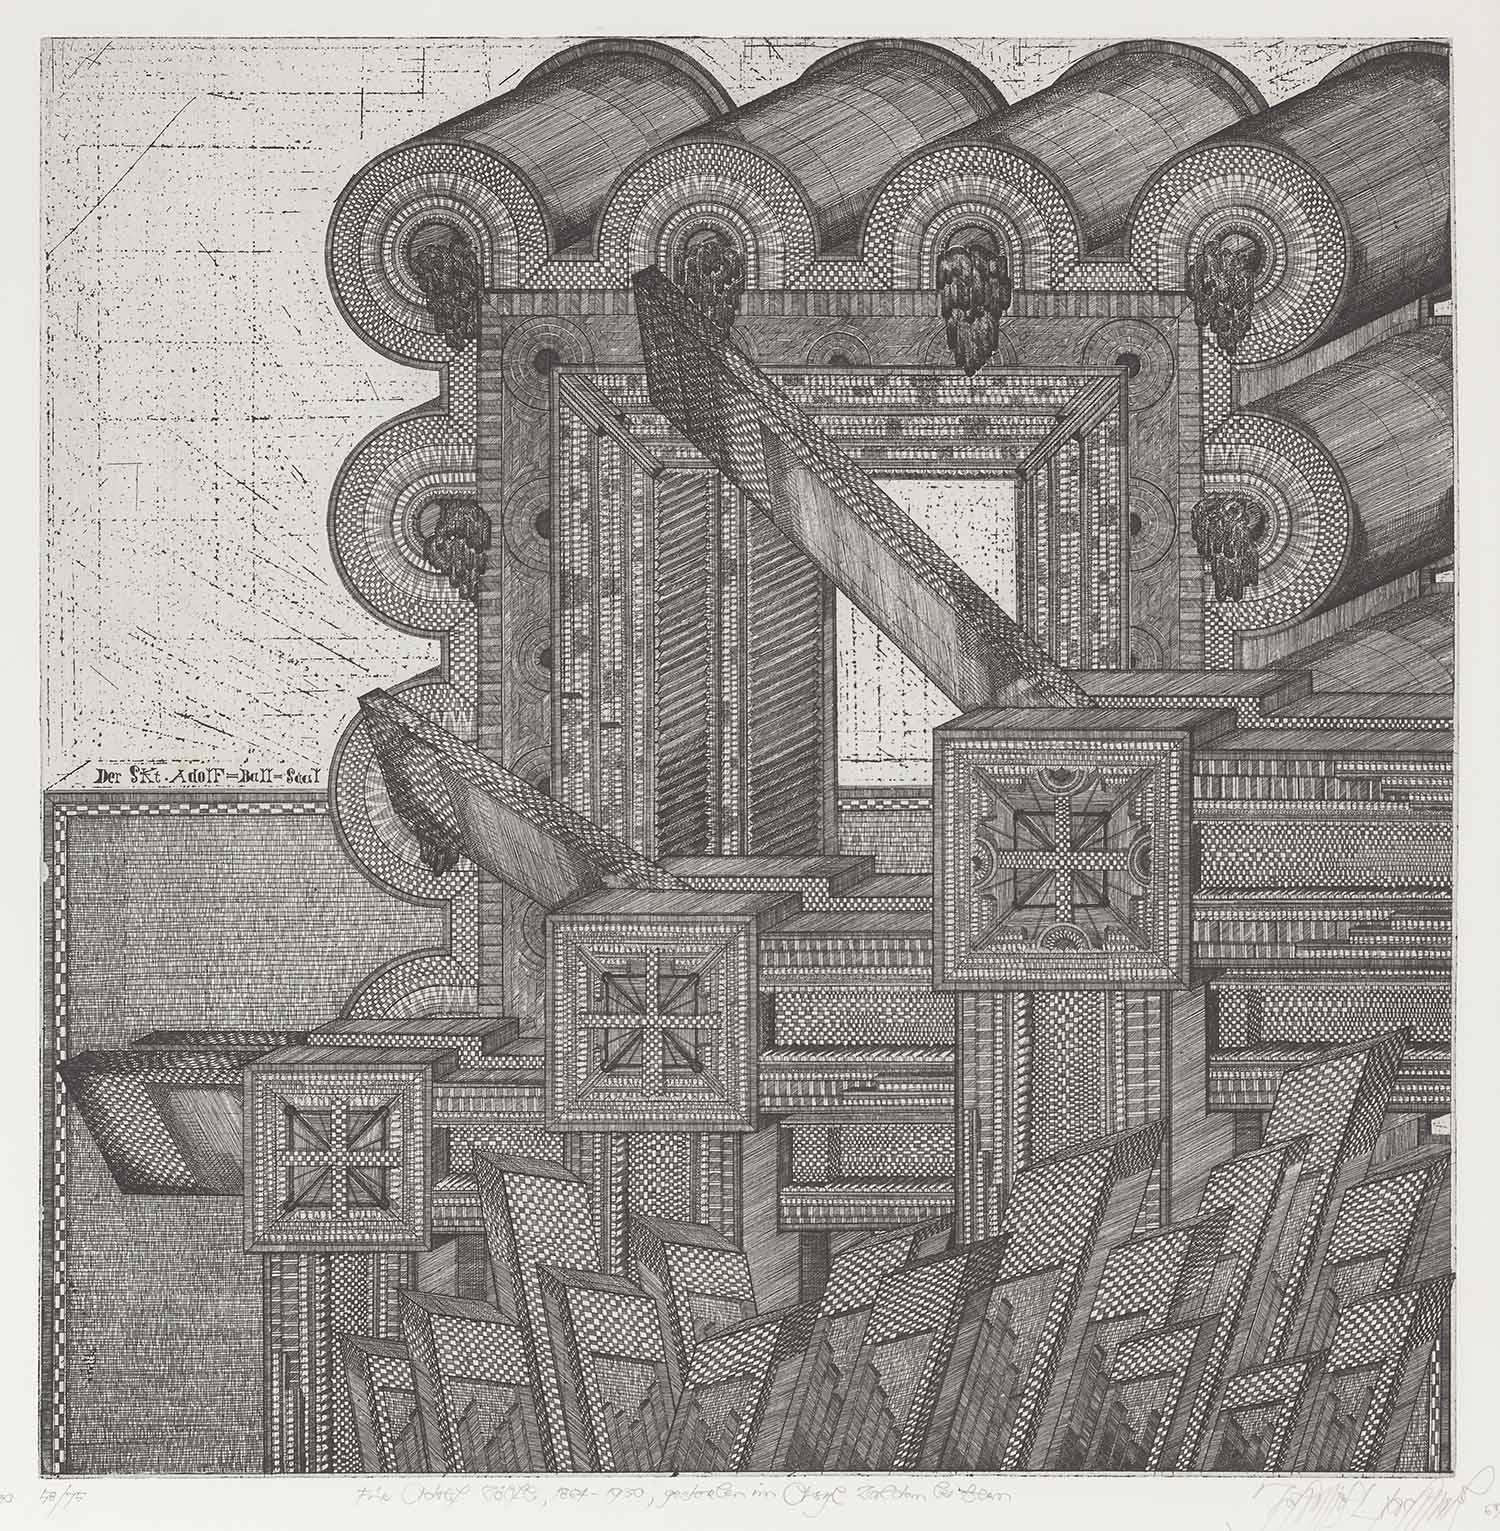 016_J. Gachnang_Sächsische Weltwunder-Architektur_1966.jpg